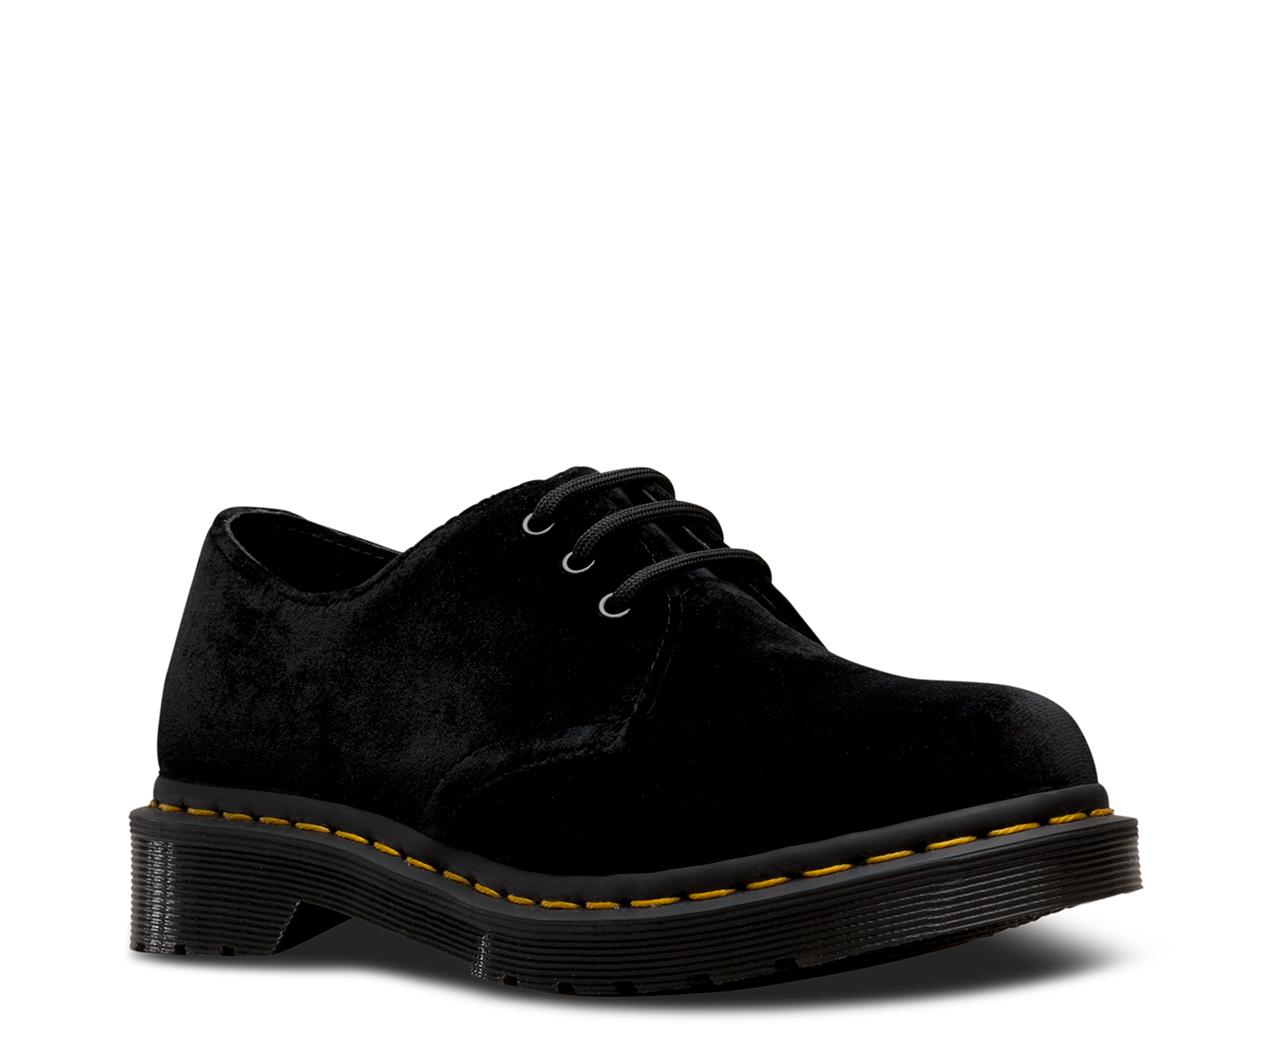 20b985b326431 1461 VELVET | Women's Boots, Shoes & Sandals | Dr. Martens Official